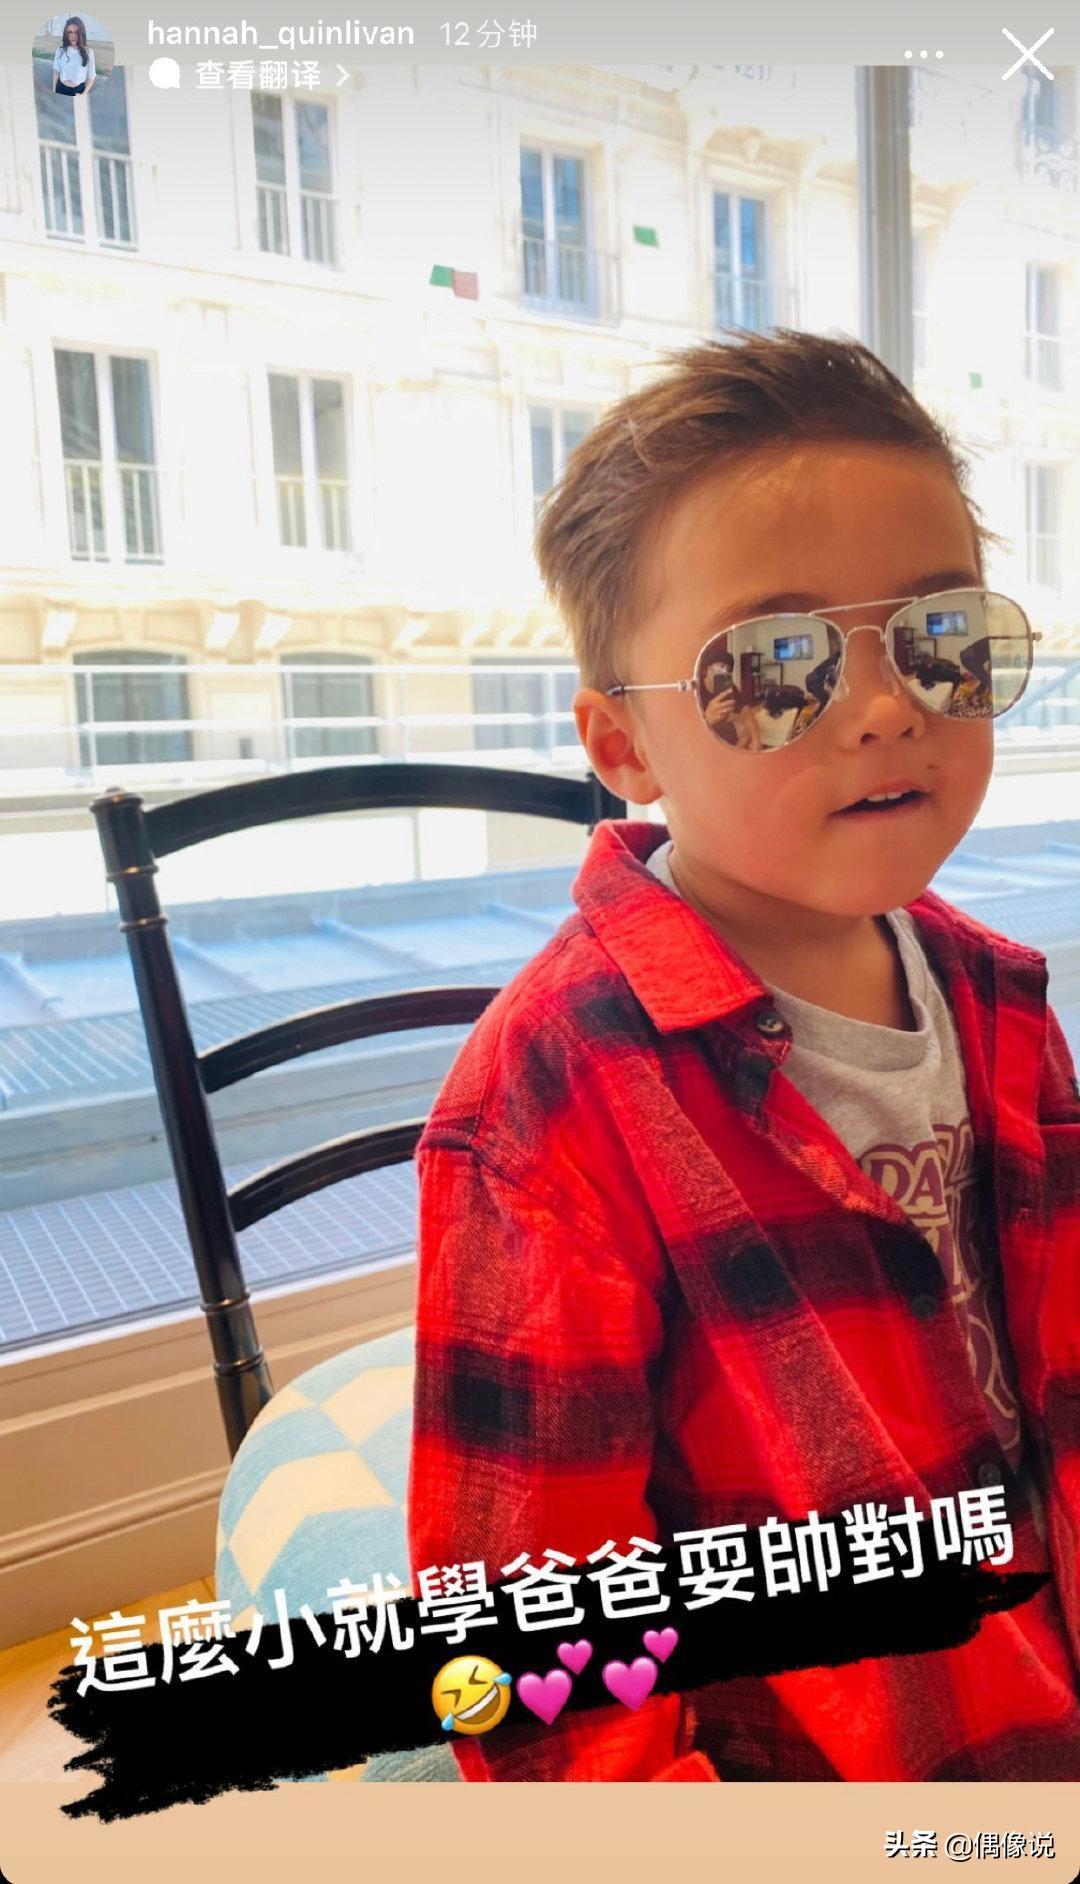 周杰伦拍4岁儿子正面照,ROMEO模仿爸爸手势拍照,嘴角伤口好显眼